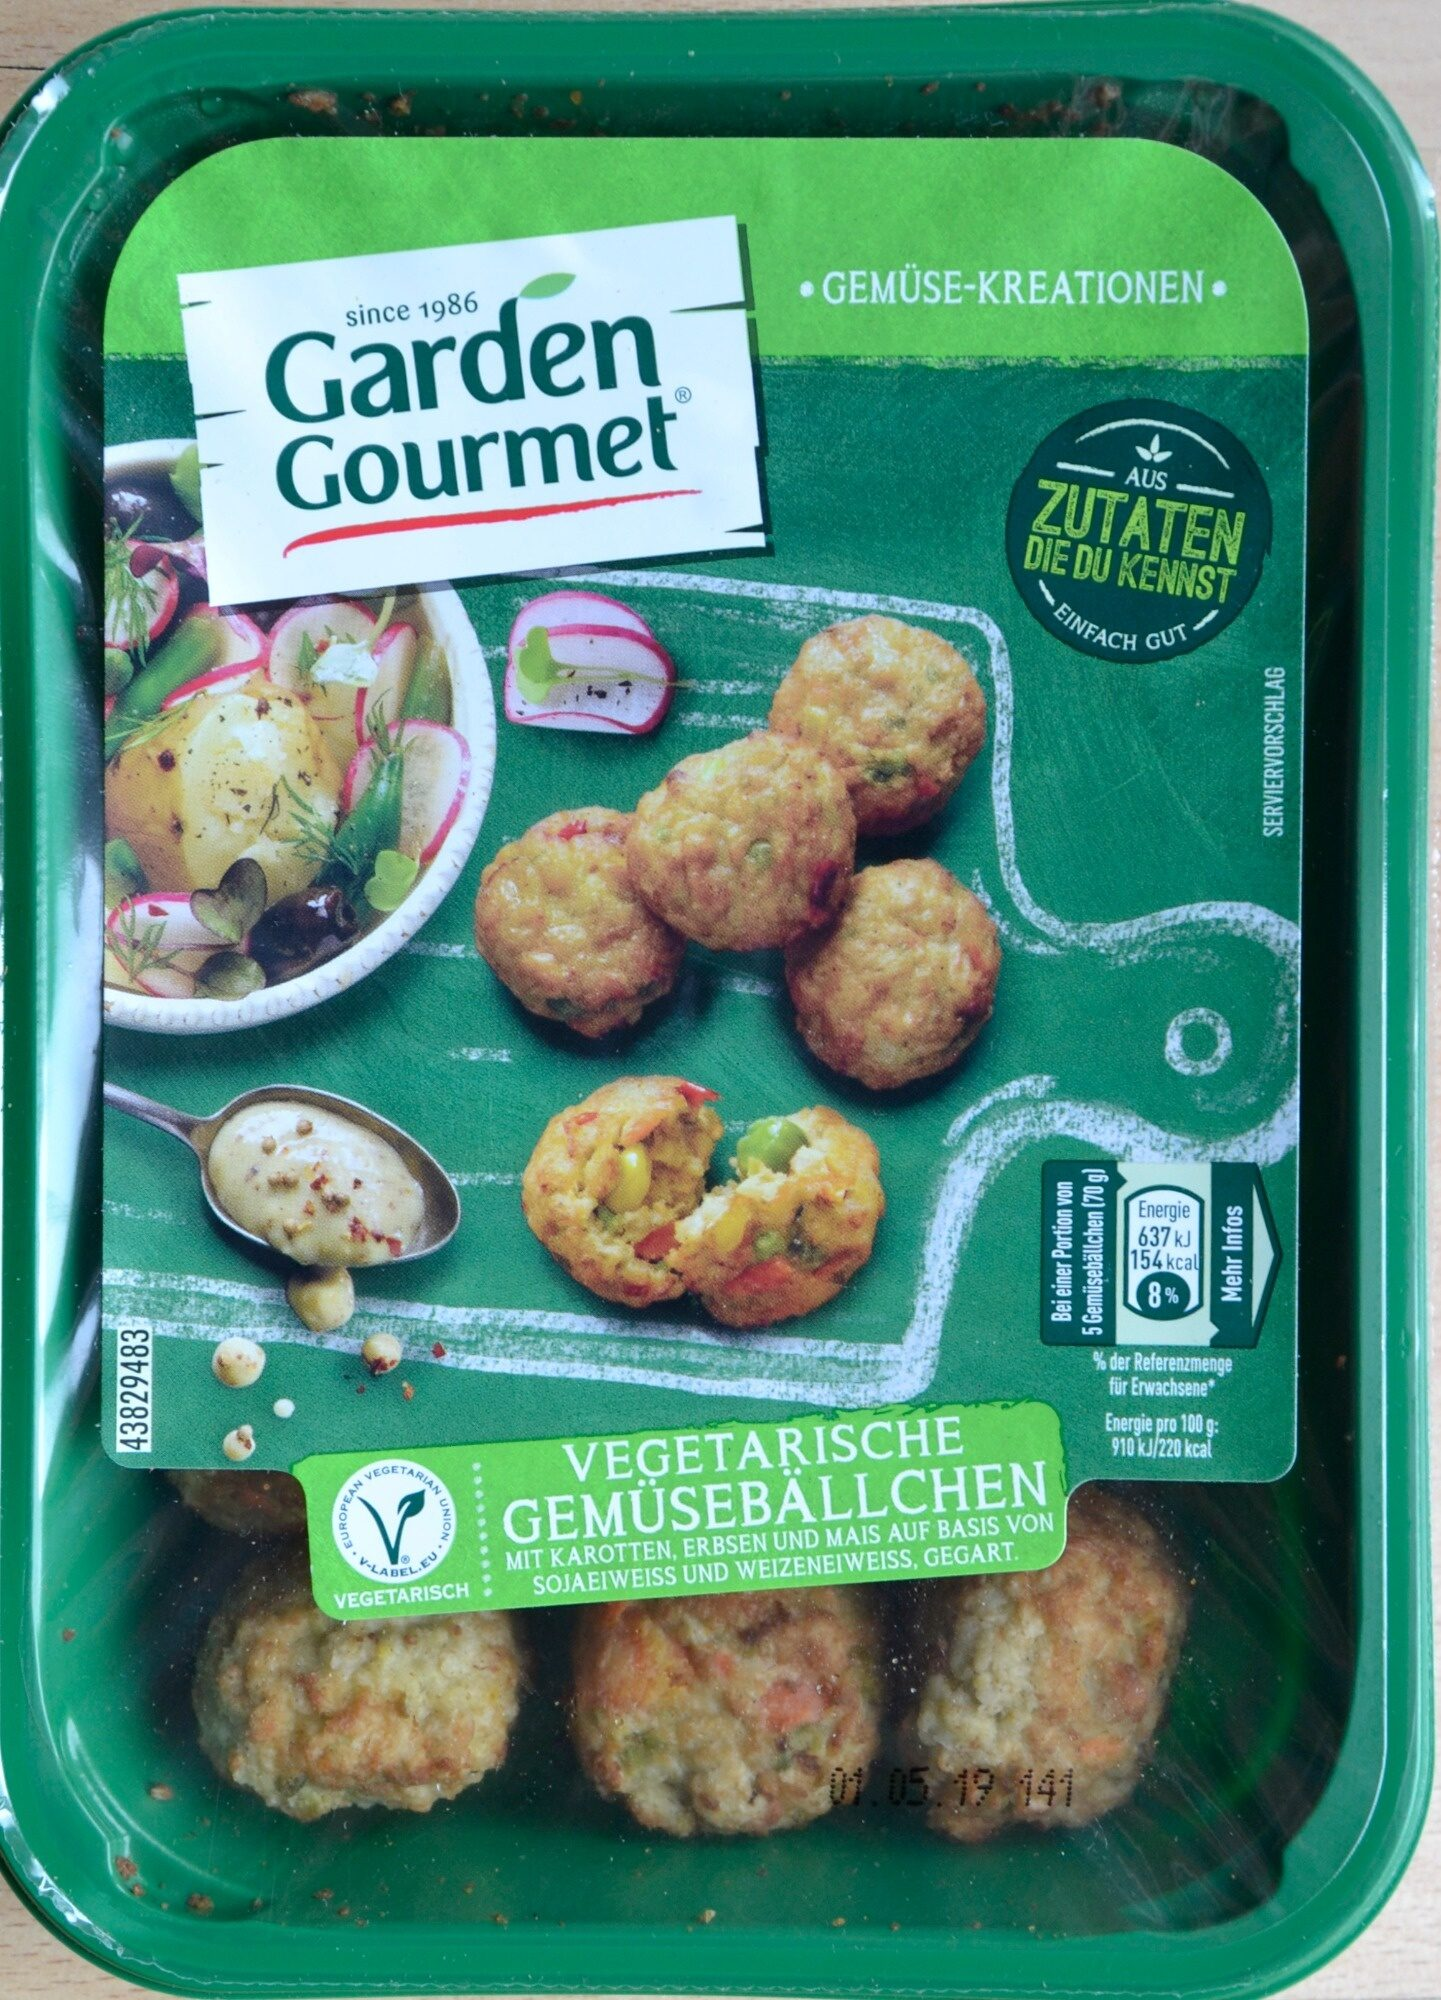 Vegetarische Gemüsebällchen - Product - de